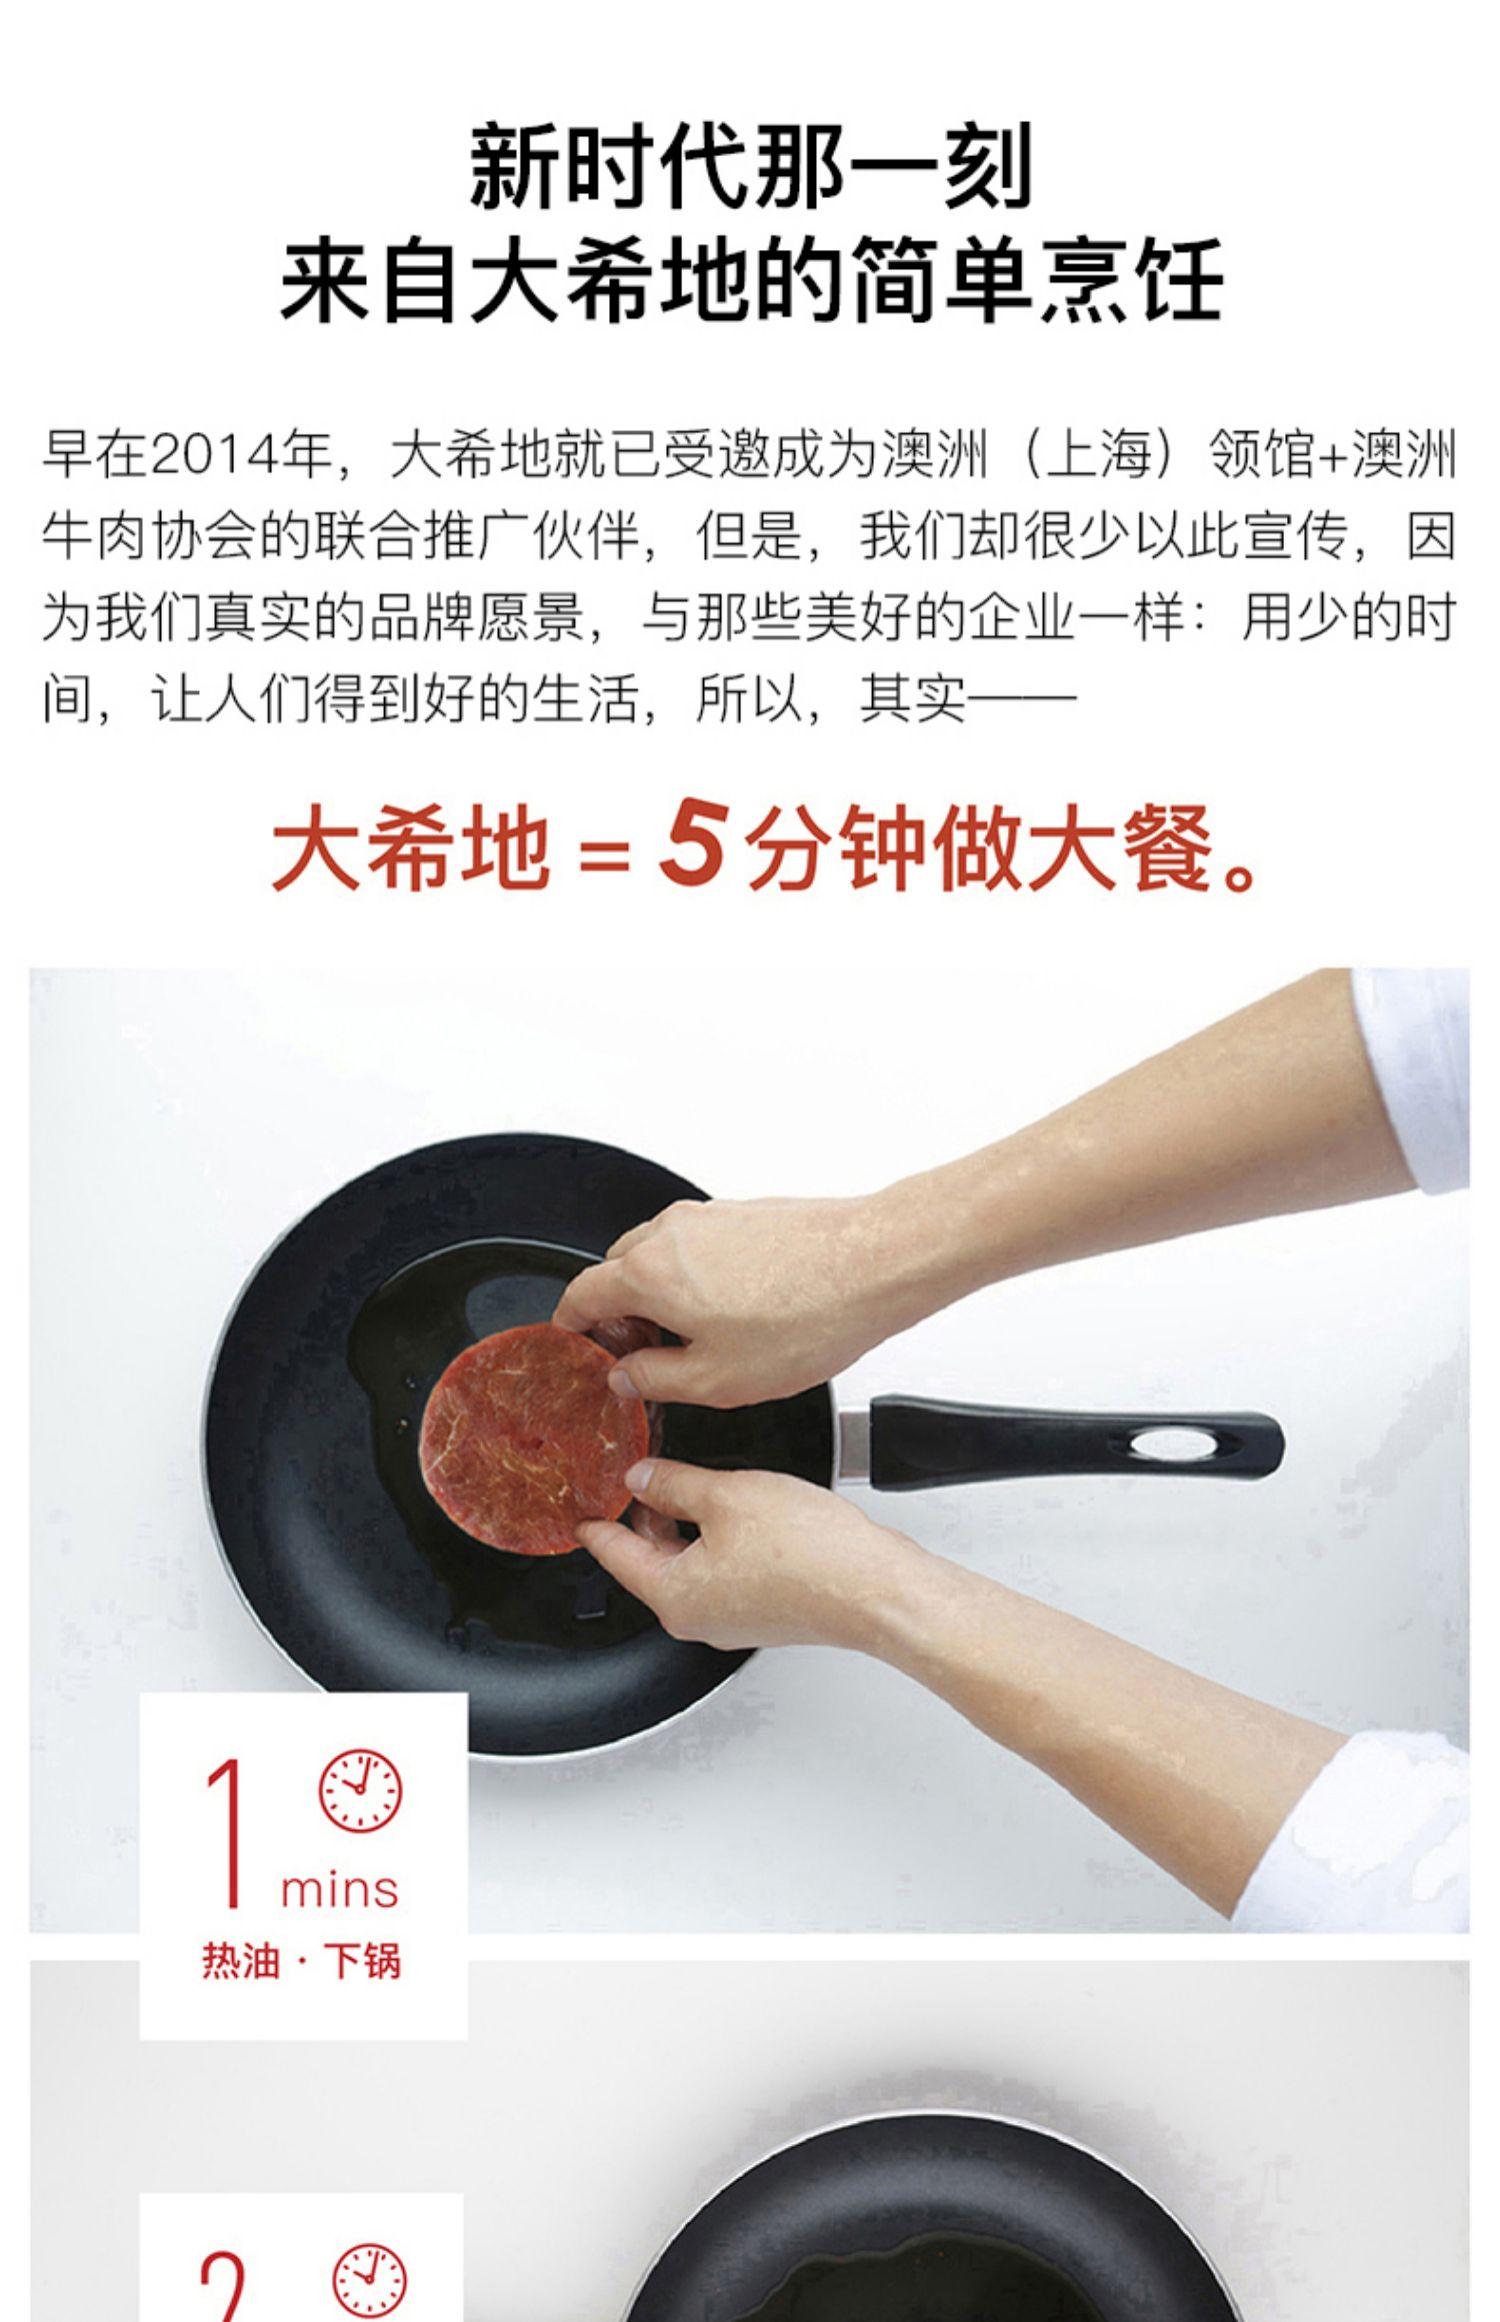 大希地进口新鲜牛肉黑椒牛排10片单片